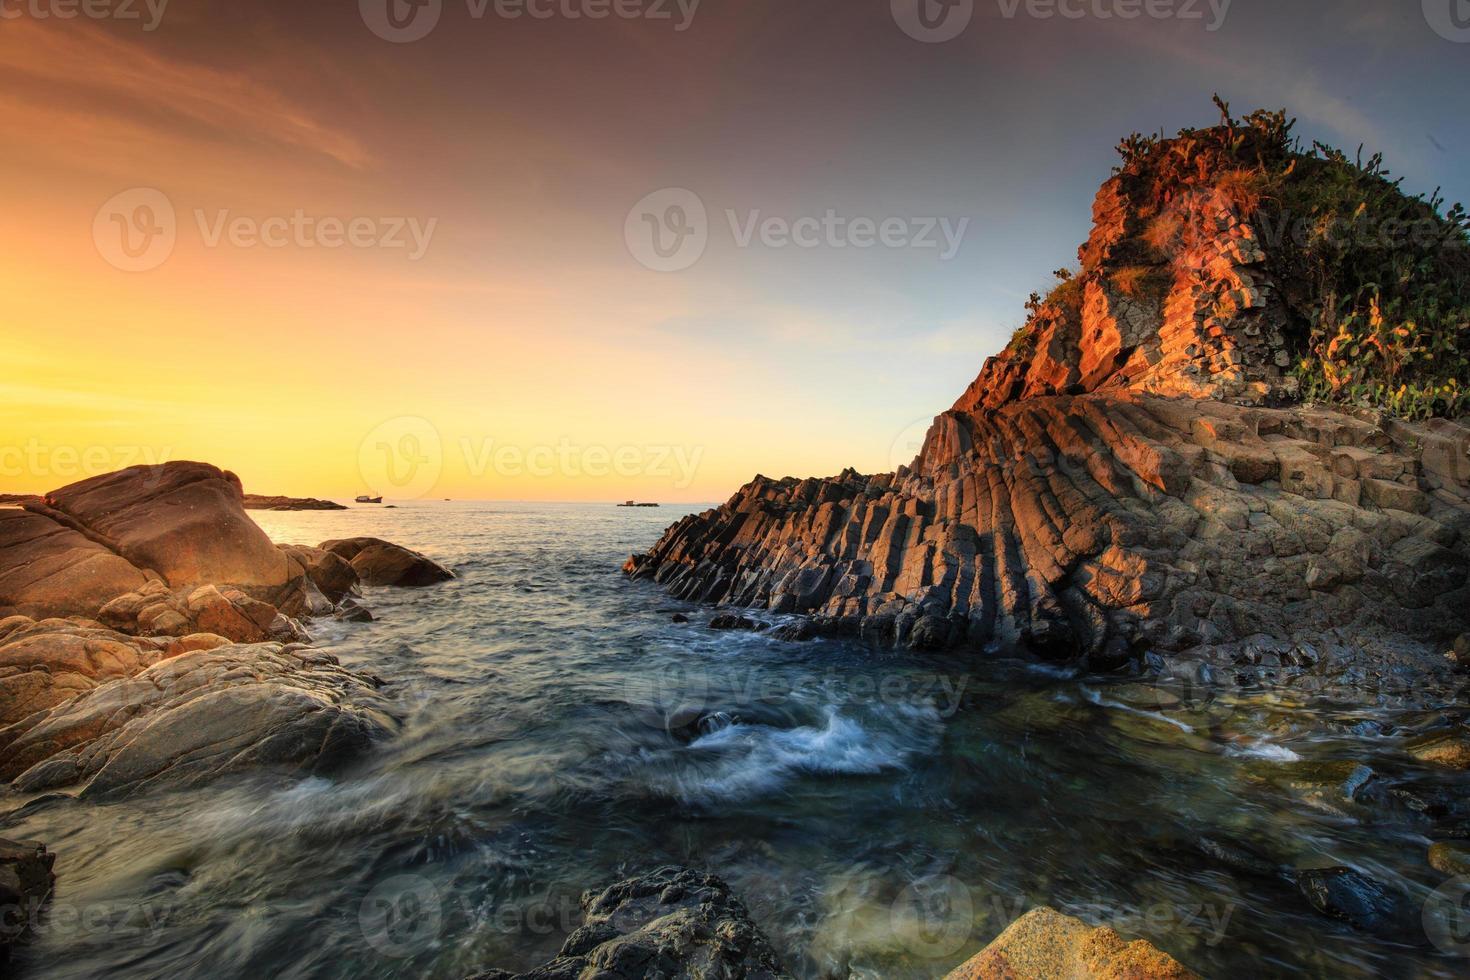 platta terrasserad basaltrock vid Phu Yen havet, Vietnam, foto